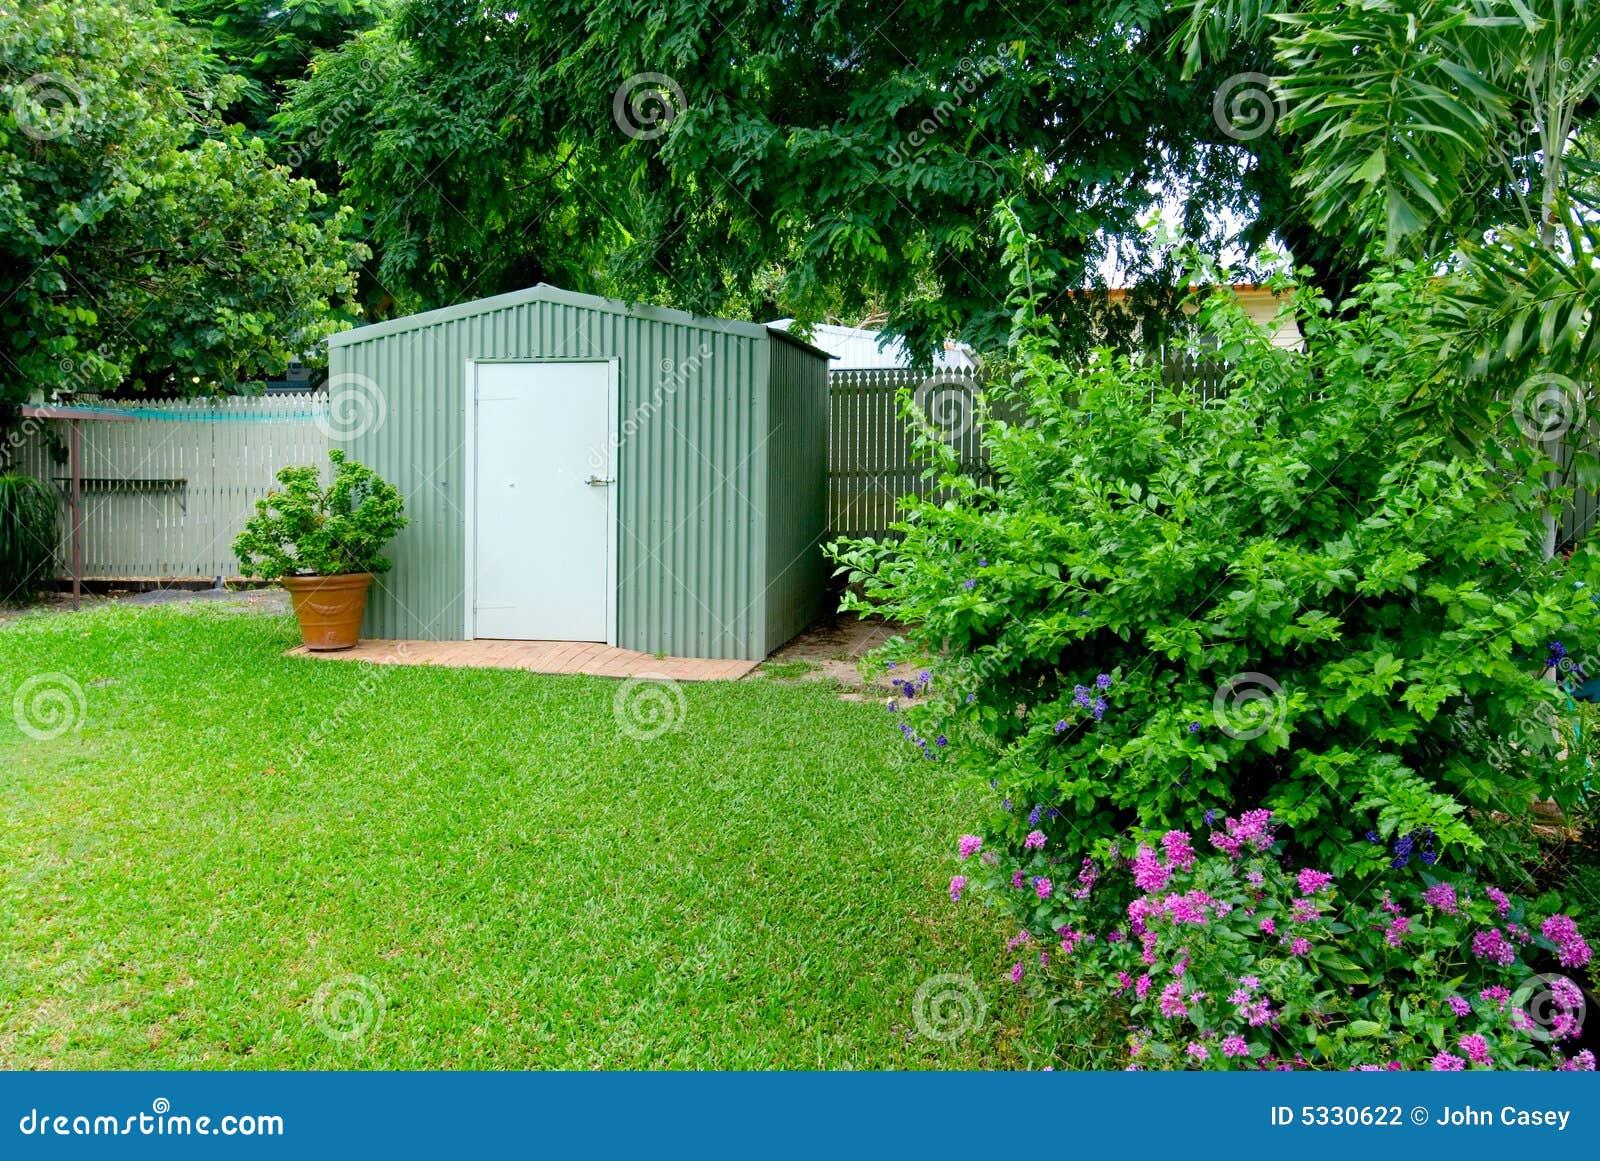 Jardim Do Quintal Fotografia de Stock - Imagem: 5330622